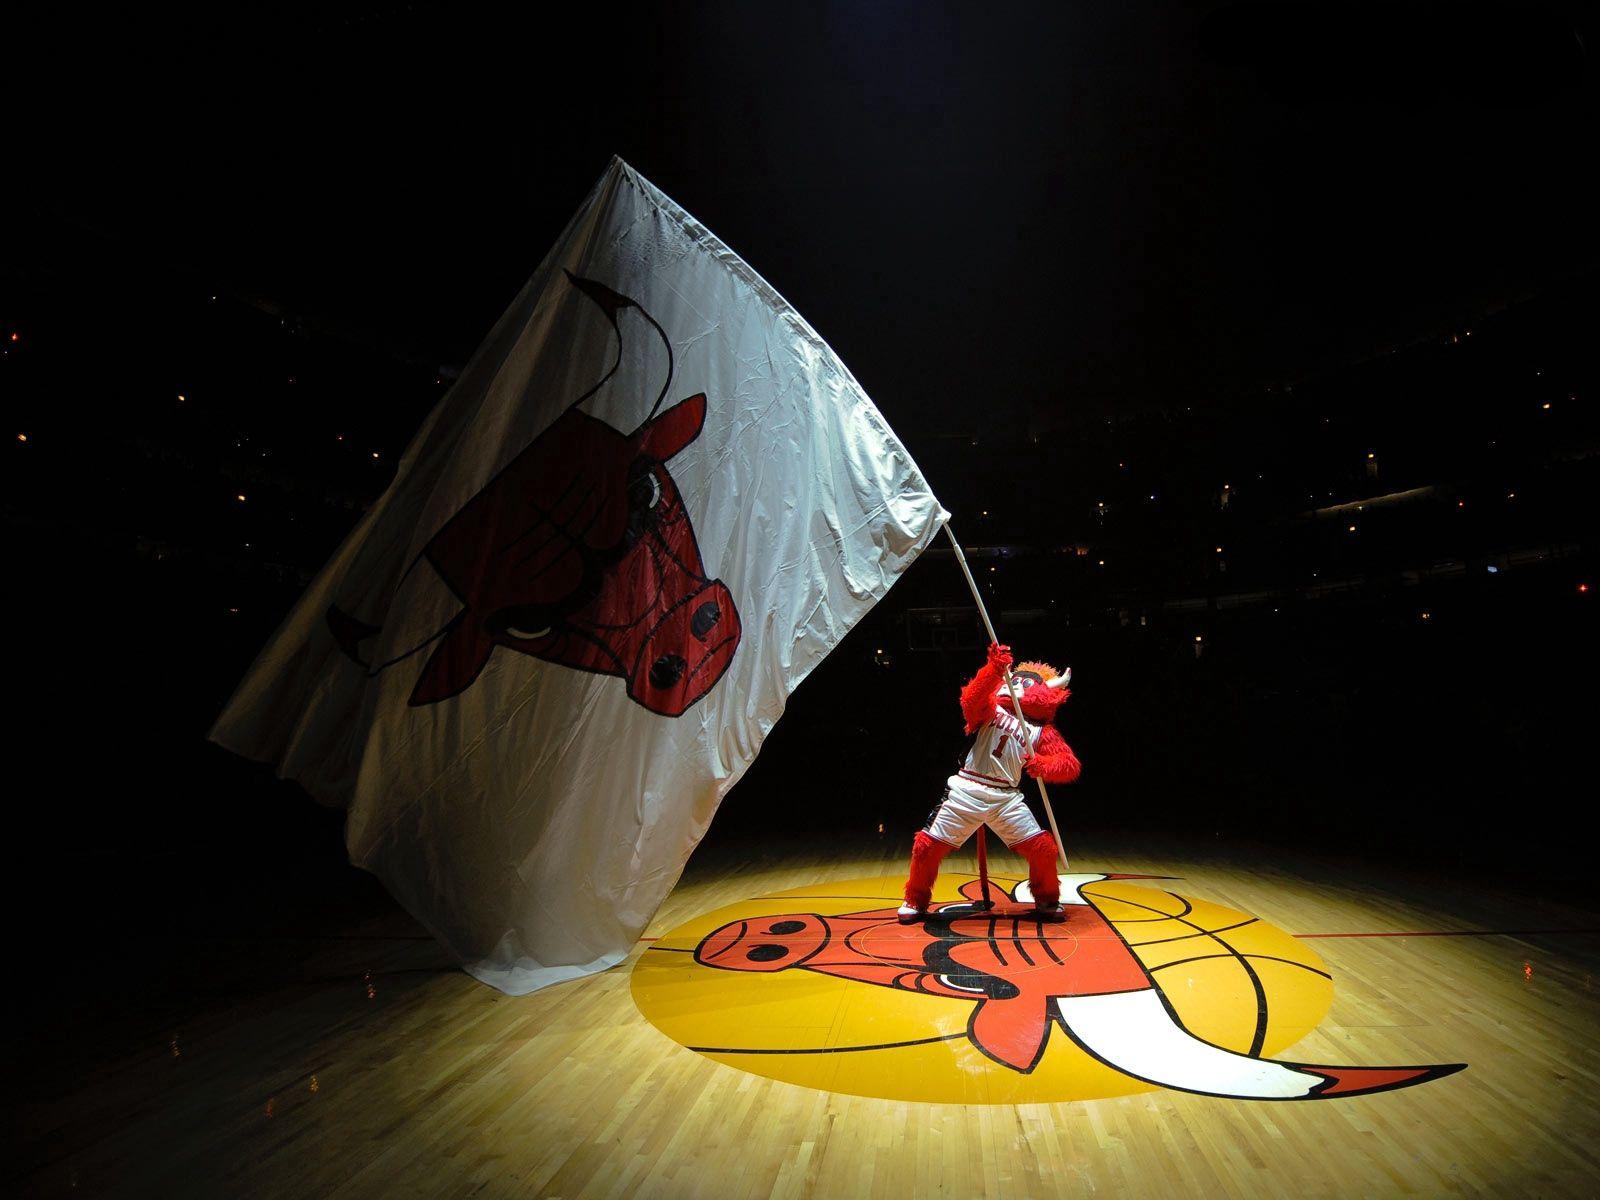 92018 baixar papel de parede Esportes, Basquetebol, Símbolo, Bandeira, Ventilador, Emblema, Búfalos De Chicago, Chicago Bulls - protetores de tela e imagens gratuitamente